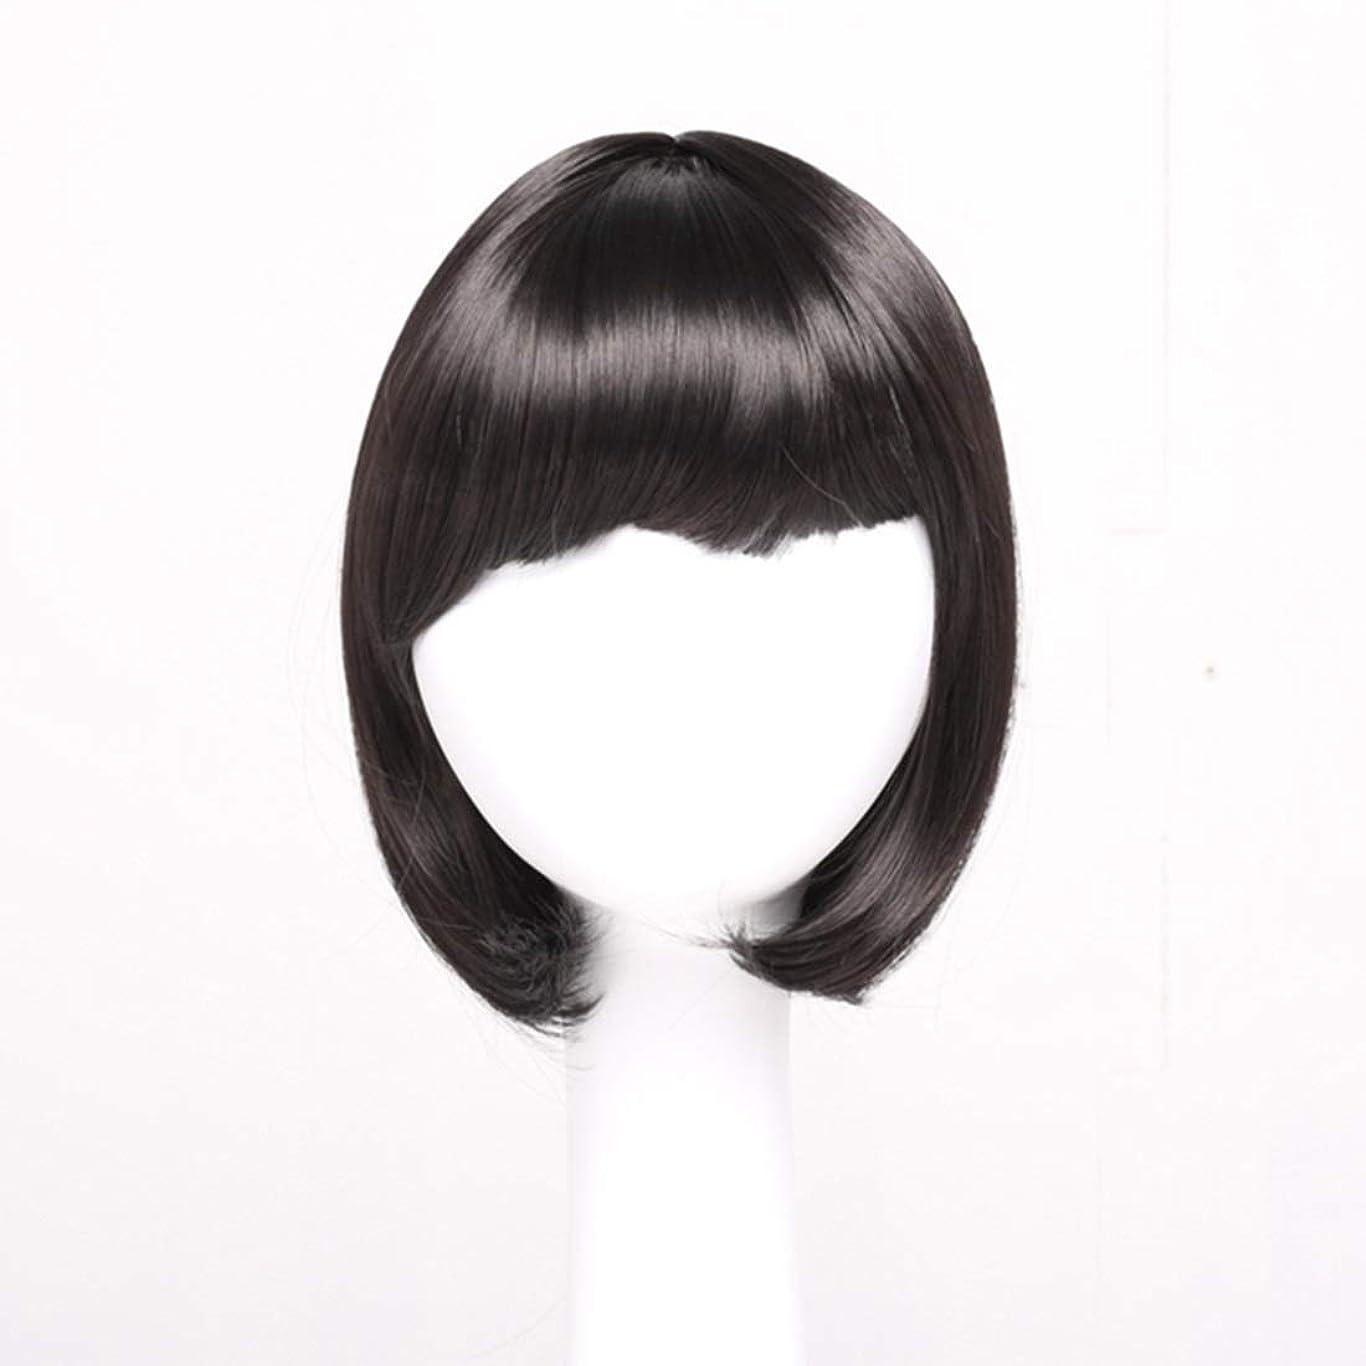 マーキングレバーフェミニンSummerys ショートボブの髪ウィッグストレート前髪付き合成カラフルなコスプレデイリーパーティーウィッグ本物の髪として自然な女性のための